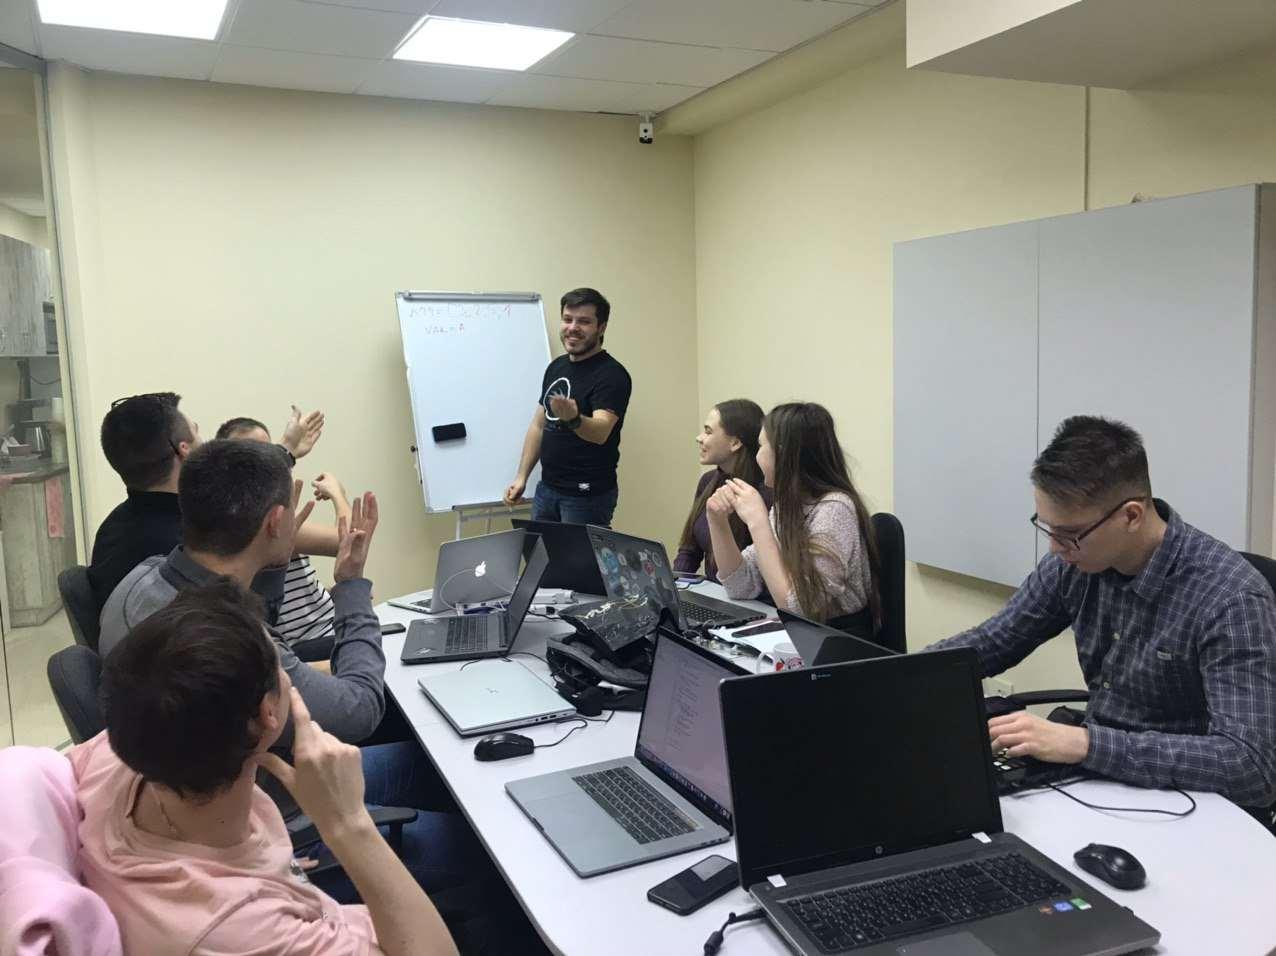 Харьков, встречай новых ИТ-героев!